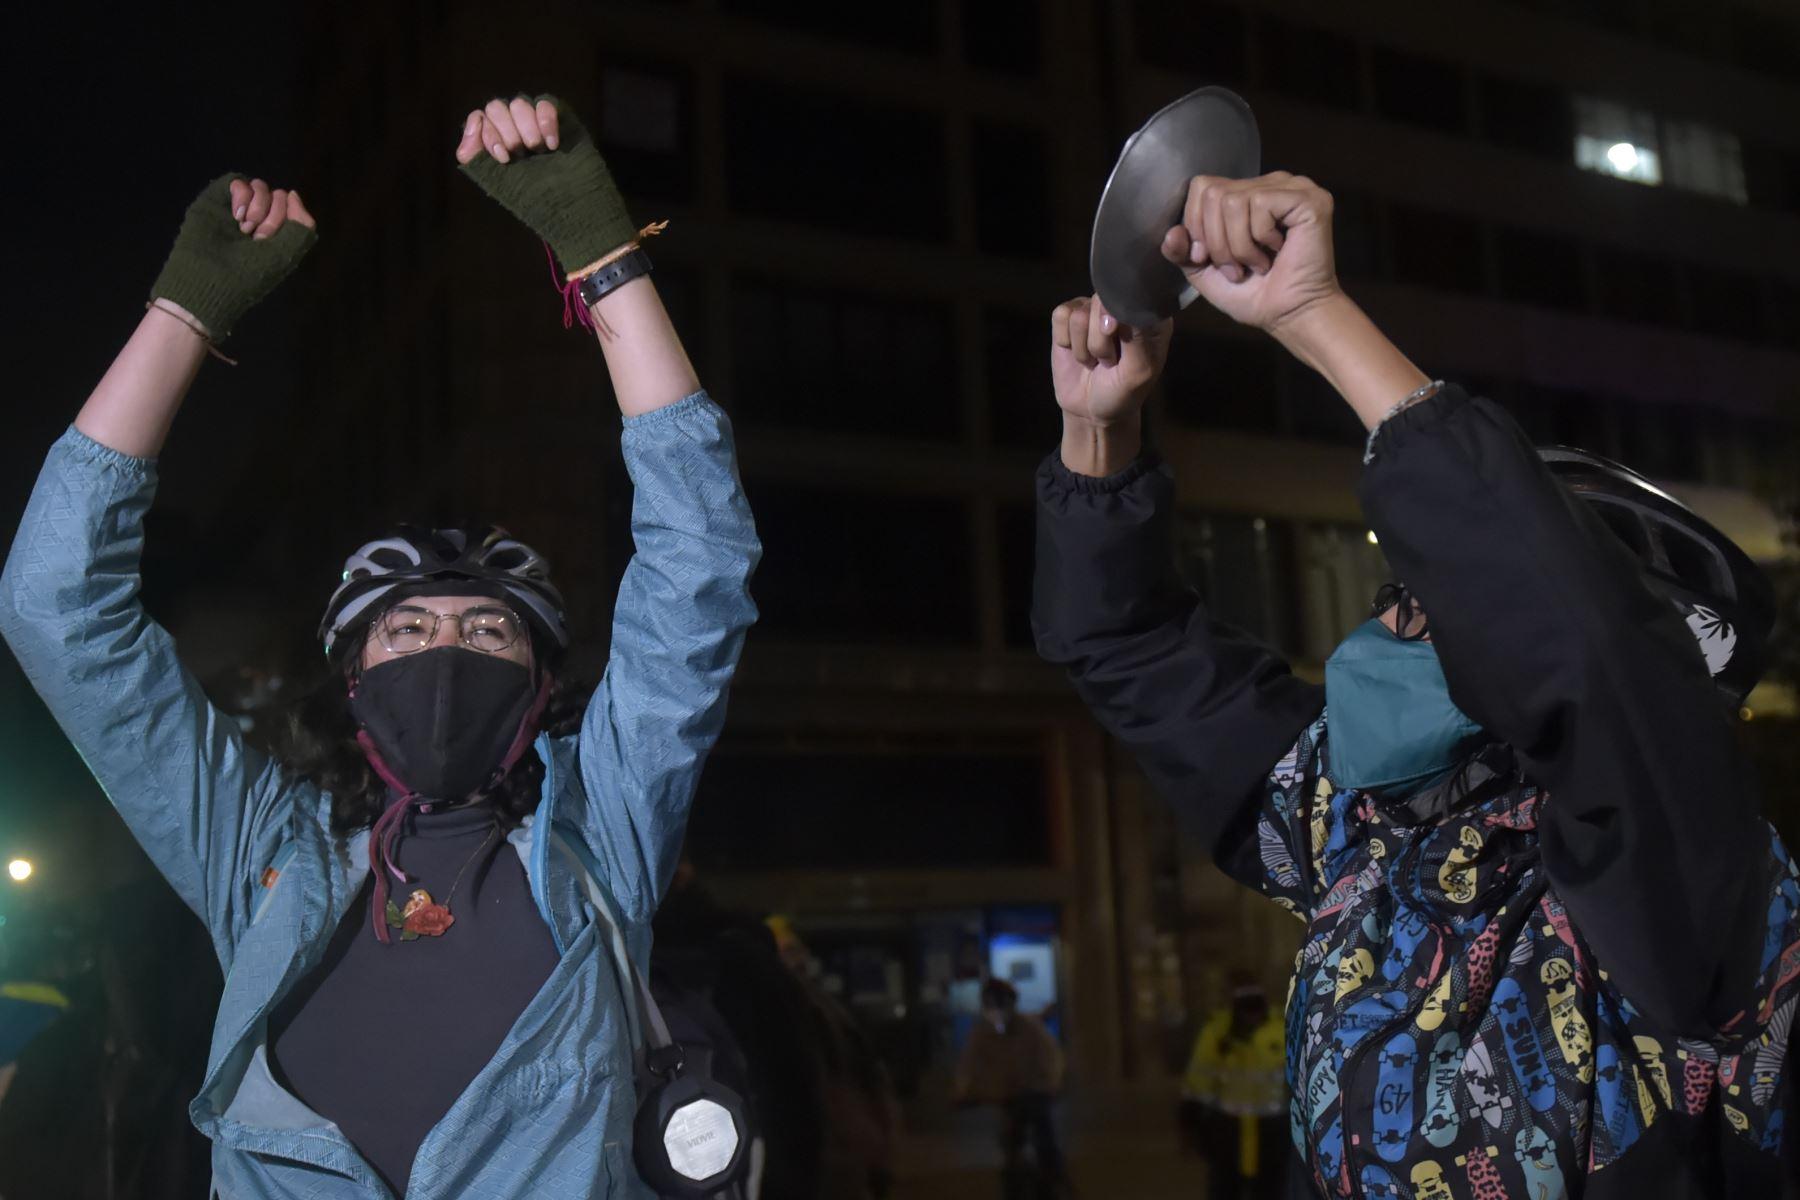 La gente participa en una manifestación contra el ex presidente colombiano y el actual senador Álvaro Uribe, afuera del palacio de Justicia en Bogotá. Foto: AFP